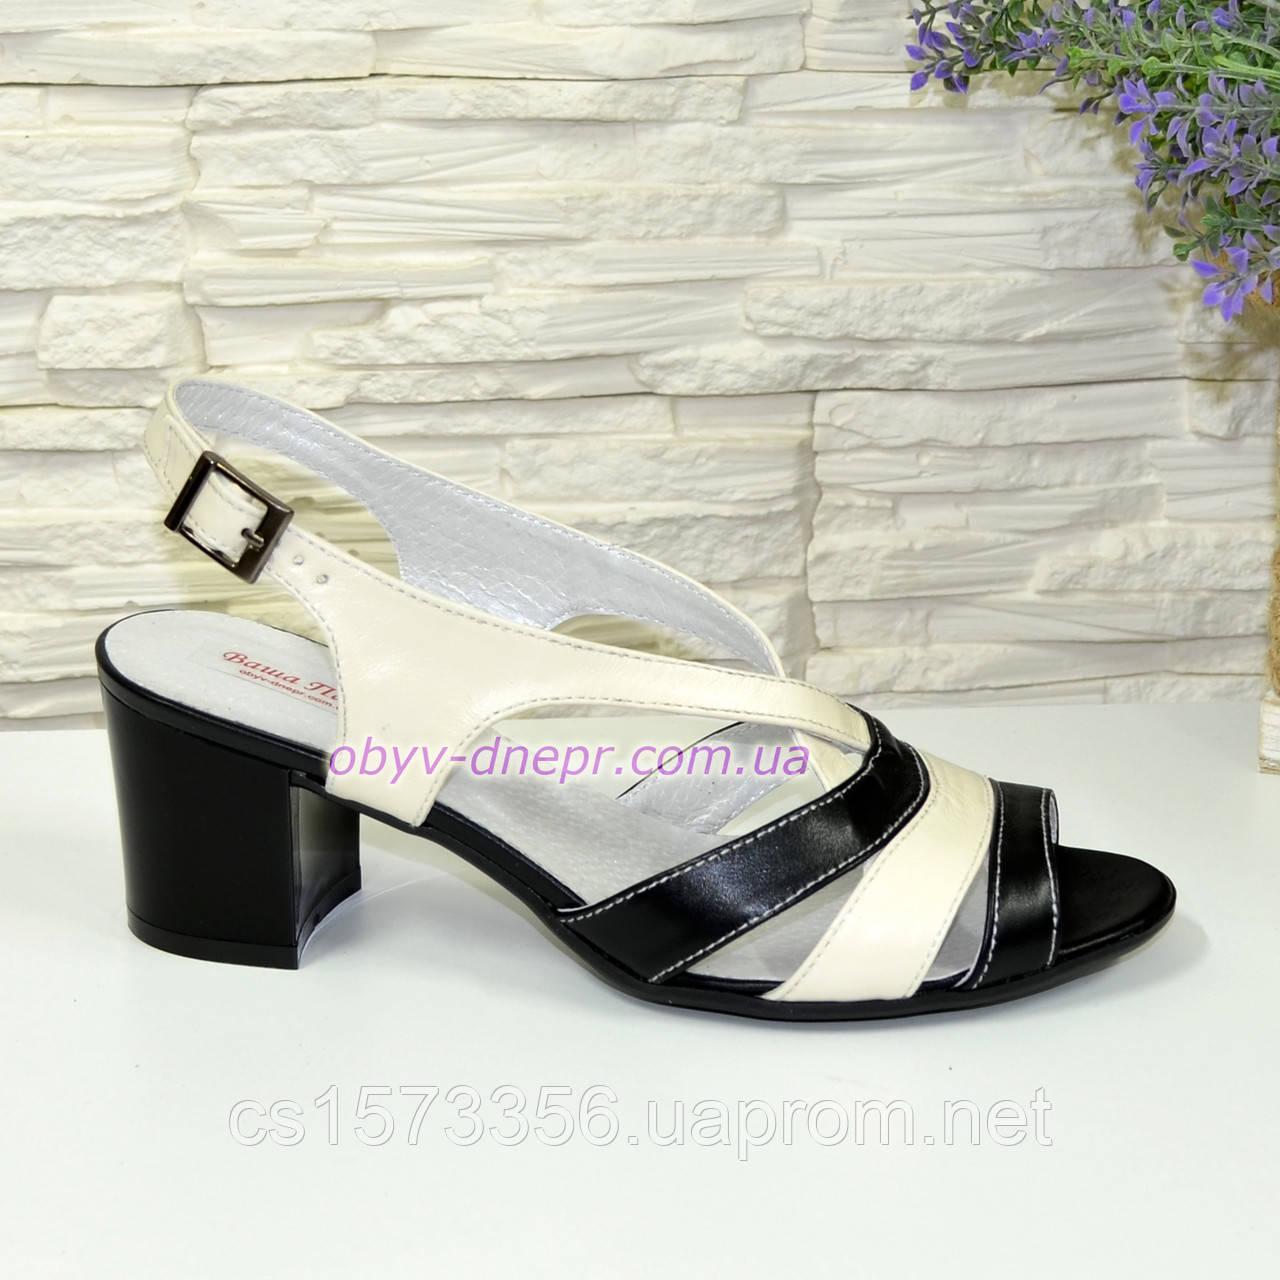 Женские кожаные босоножки на устойчивом каблуке.  Цвет черный и бежевый